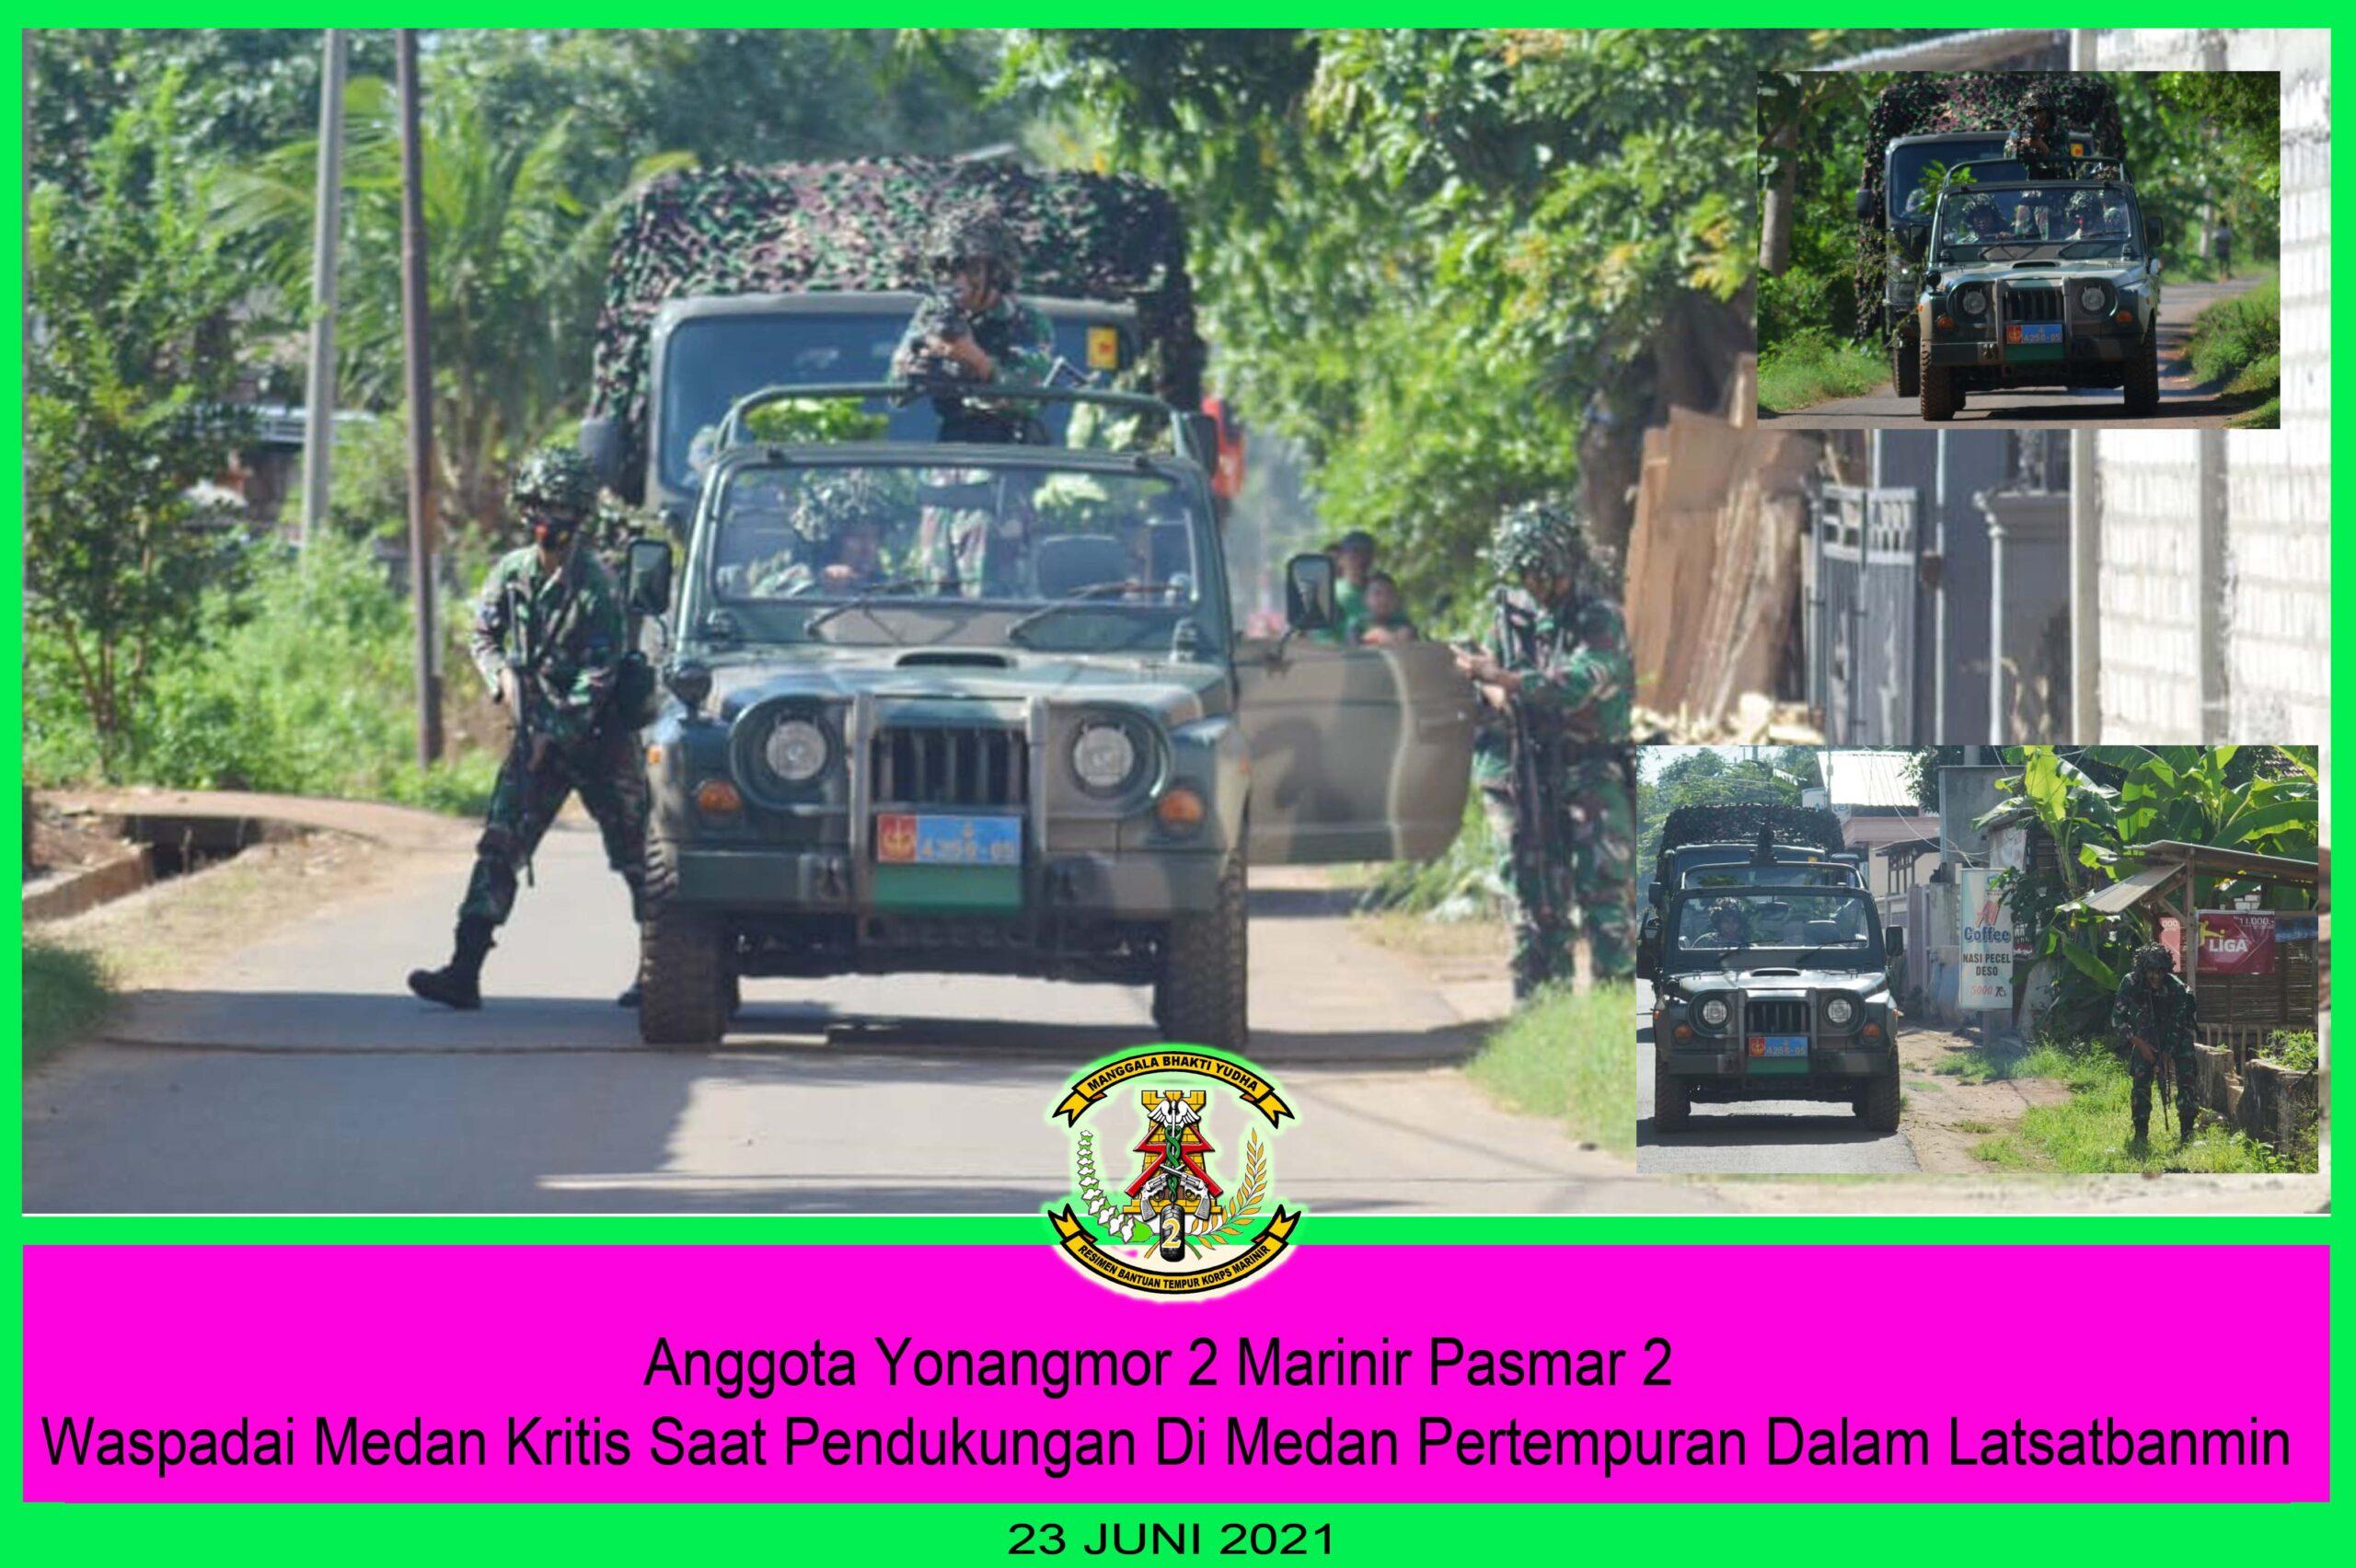 Yonangmor 2 Mar Pasmar 2 Waspadai Medan Kritis Saat Pendukungan di Medan Pertempuran